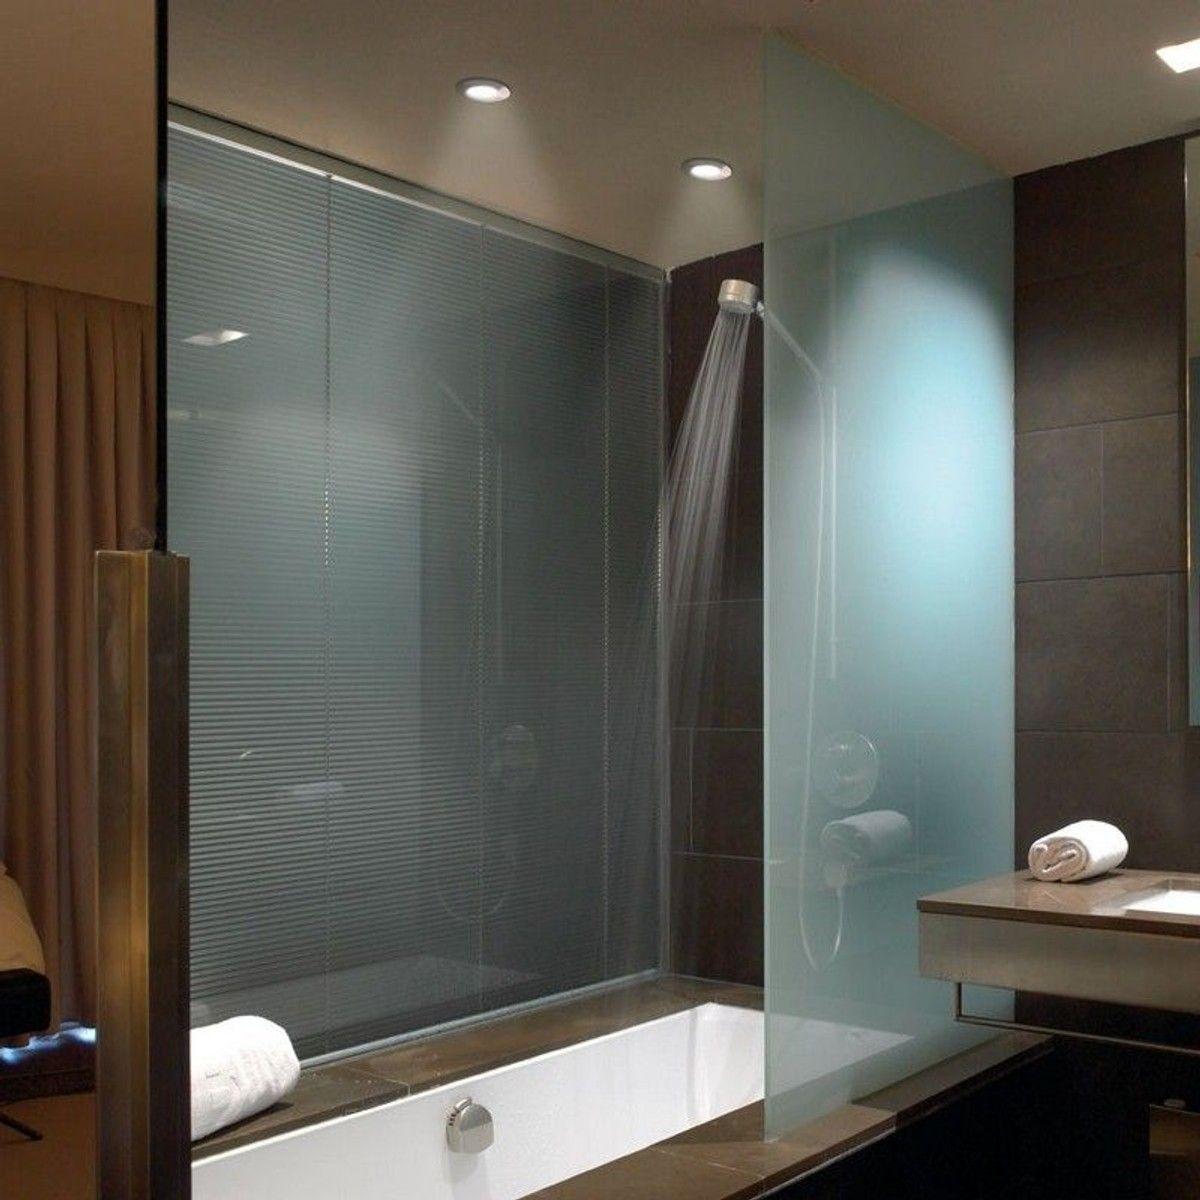 Basse Tension Salle De Bain spot encastrable basse tension salle de bain split ip65 12v